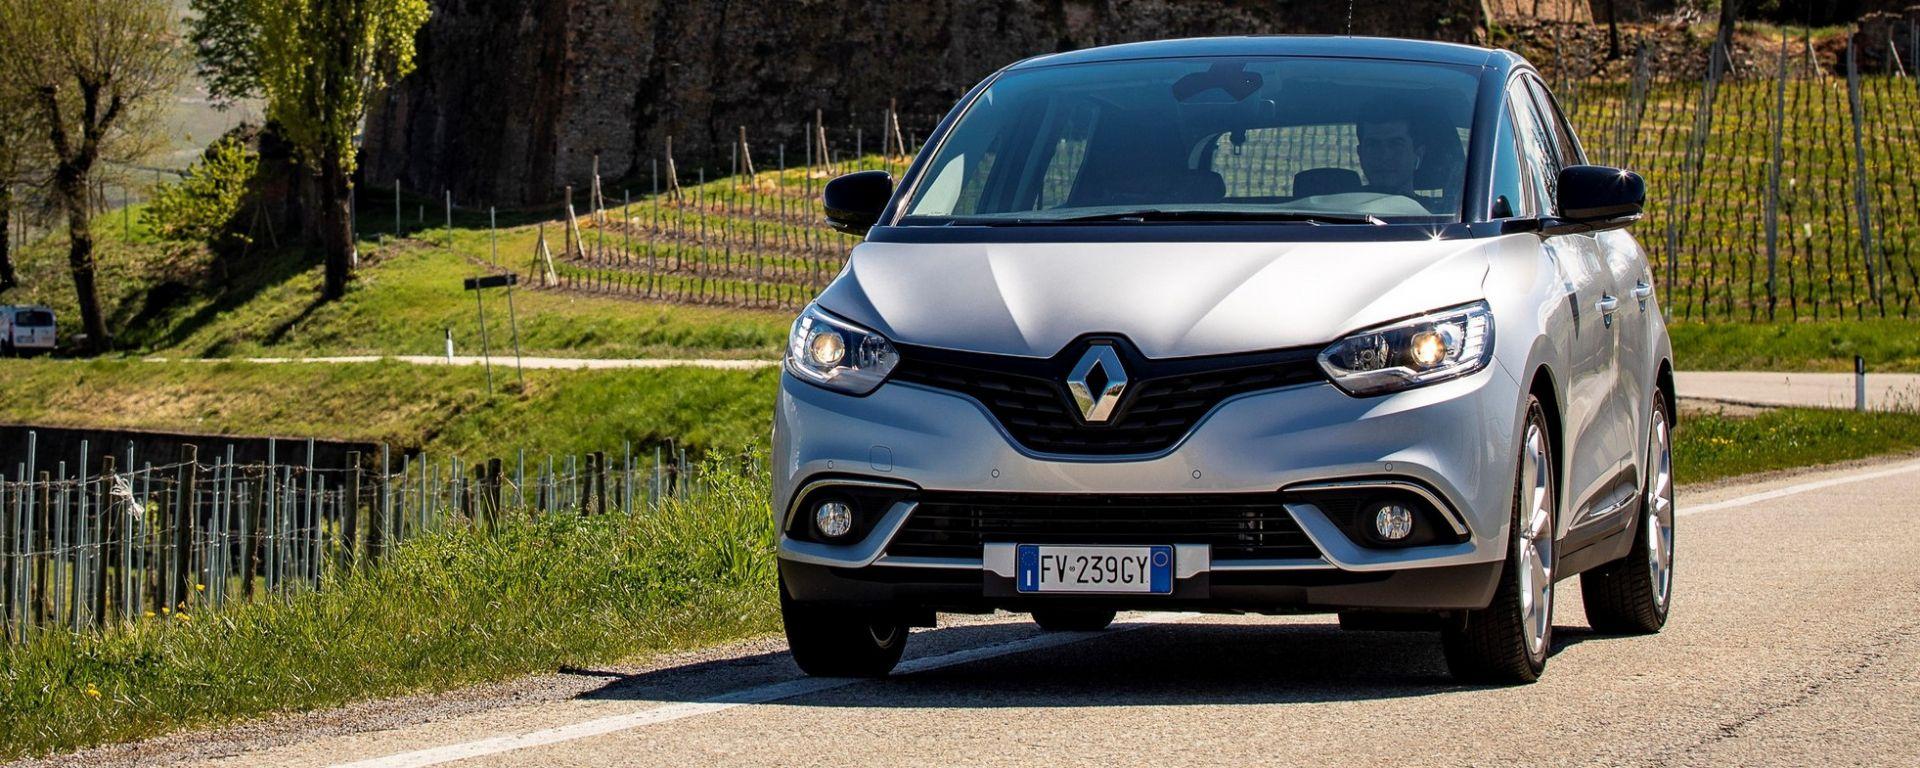 Renault Scenic 2019: la prova del nuovo motore 1.7 blue dCi